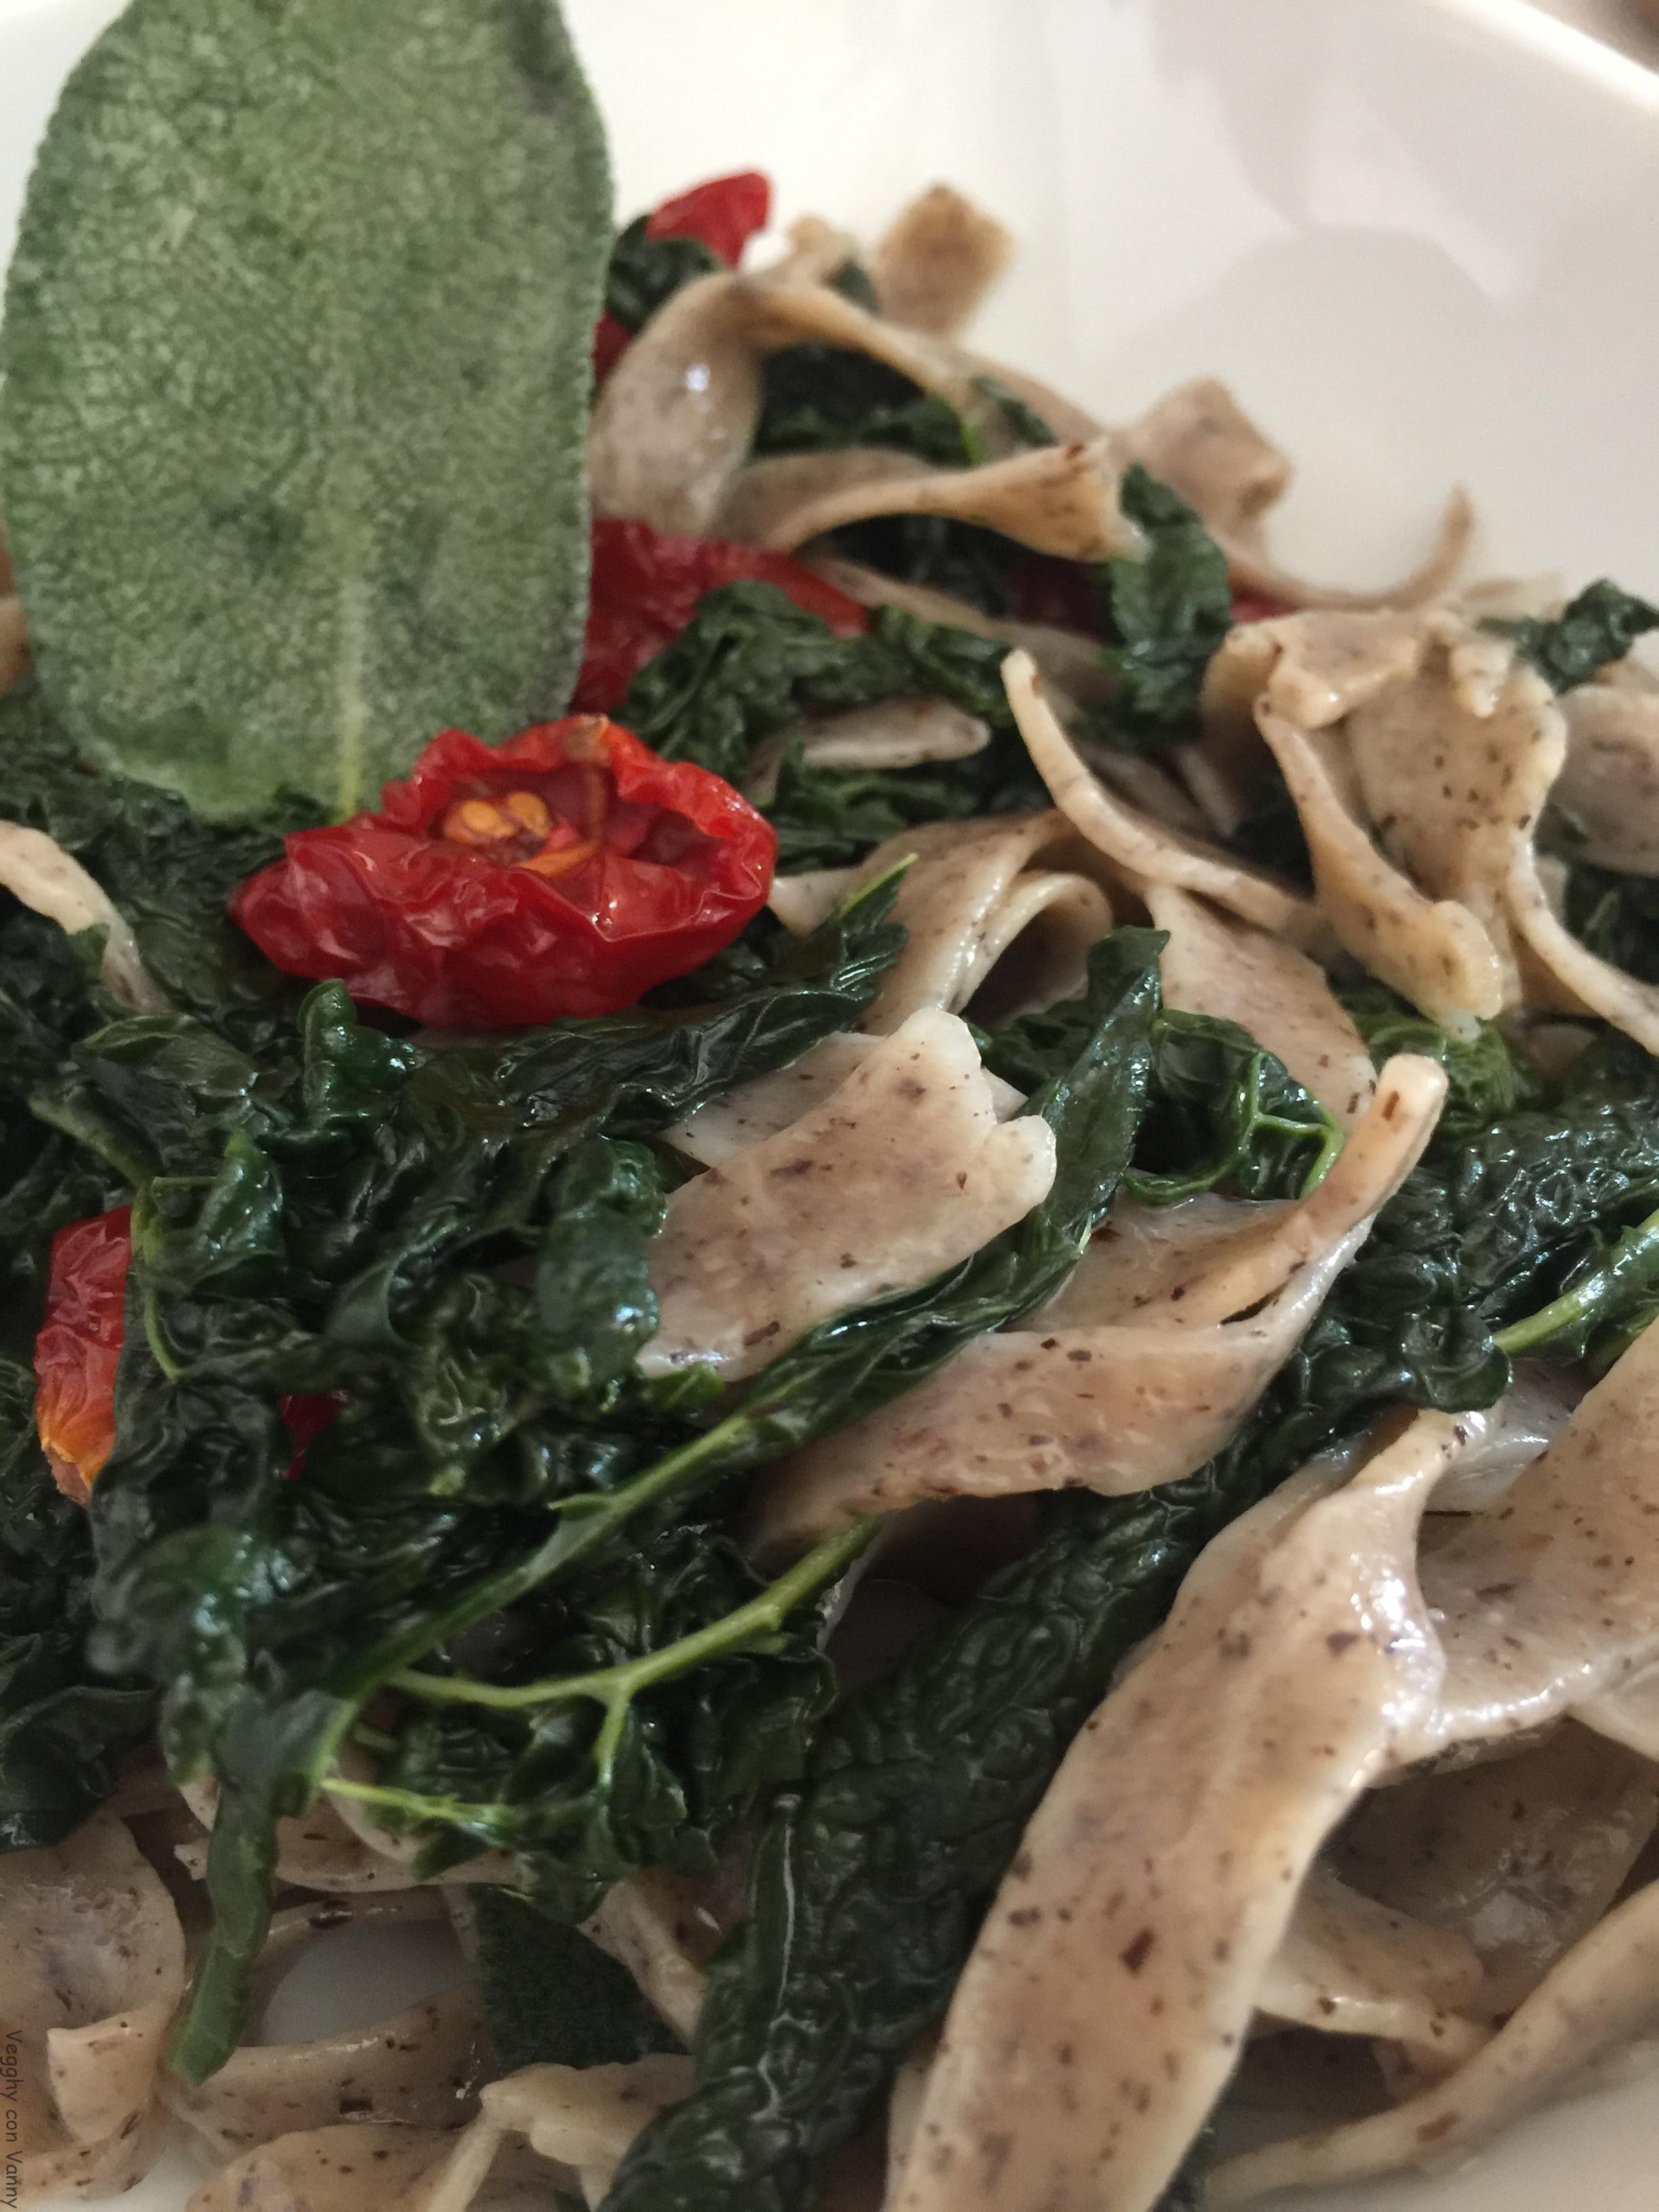 Tagliatelle di grano saraceno con cavolo nero e pomodorini secchi (vegan)